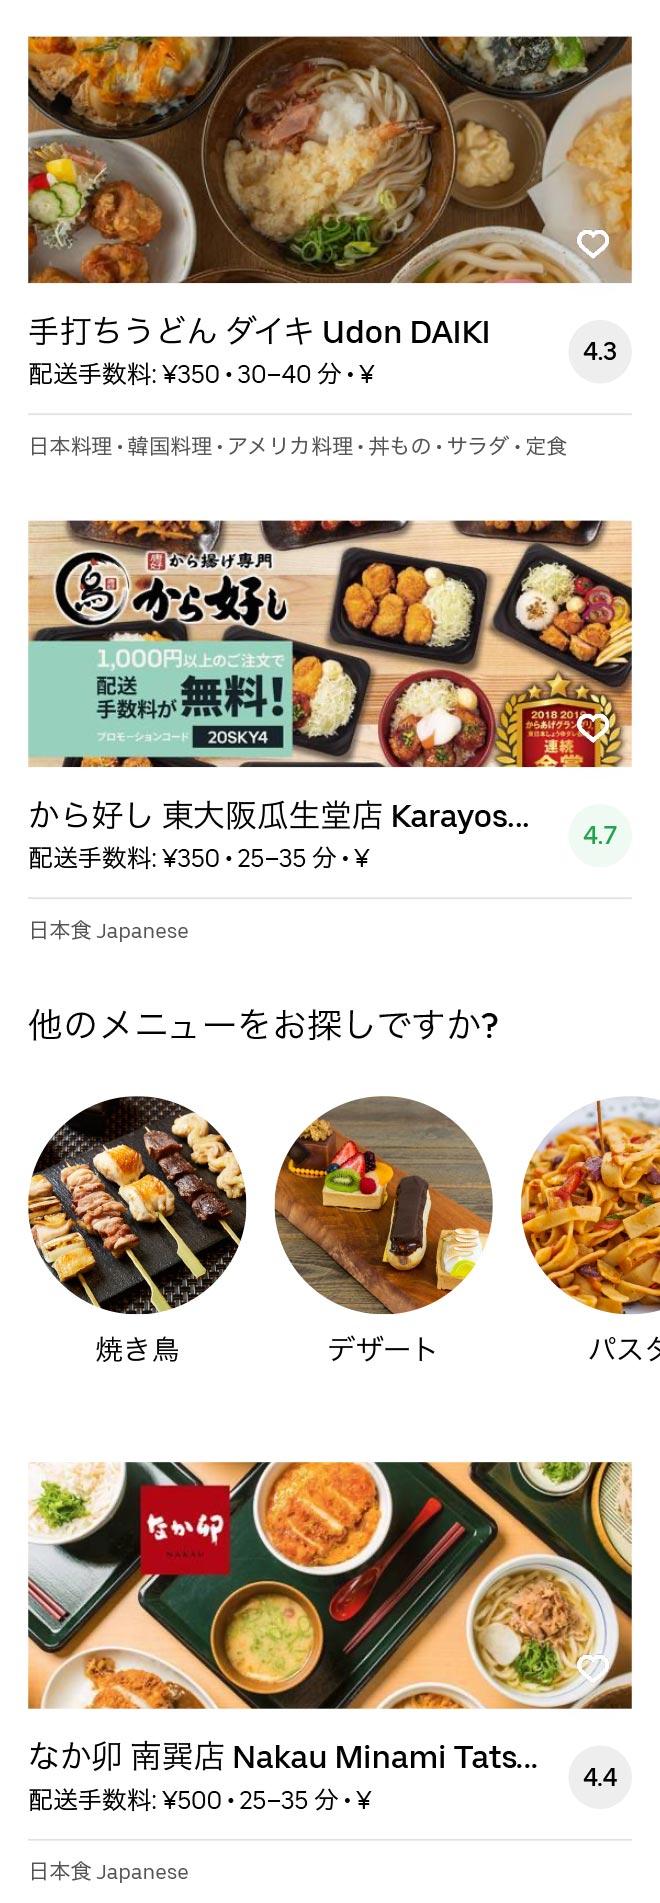 Osaka yao menu 2005 05